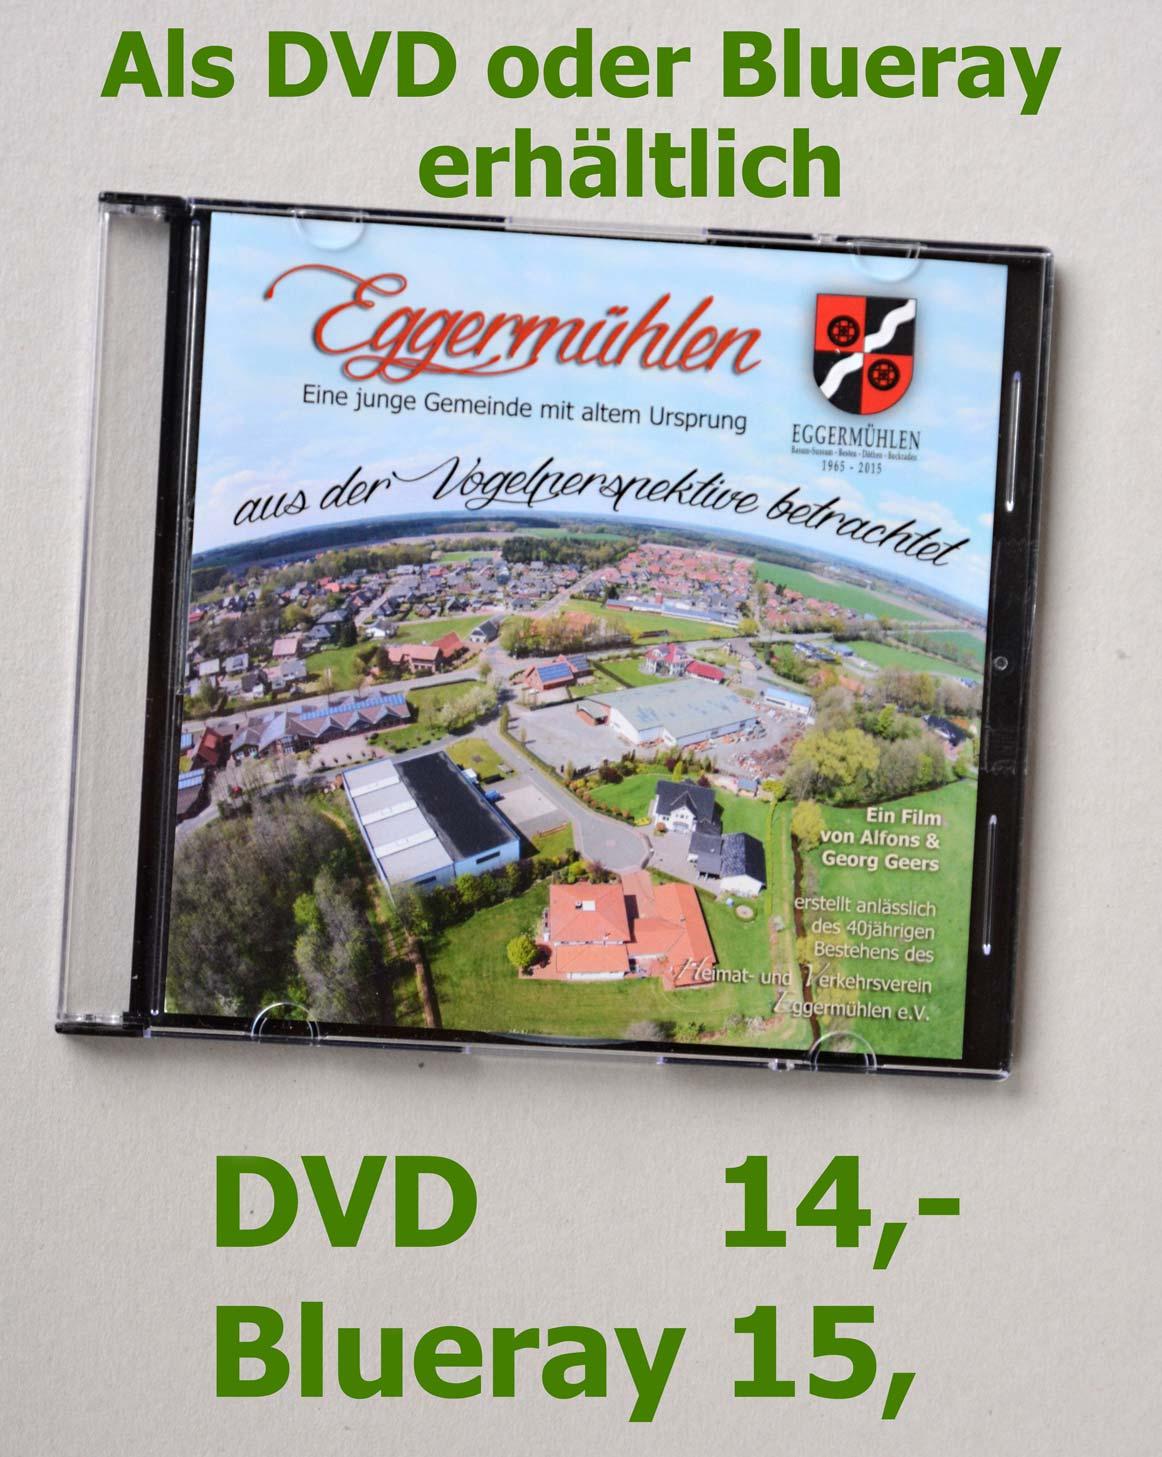 BEIM HEIMATVEREIN ODER IN DER BÄCKEREI MEYER IST DER FILM ALS DVD ODER BLUERAY ERHÄLTLICH